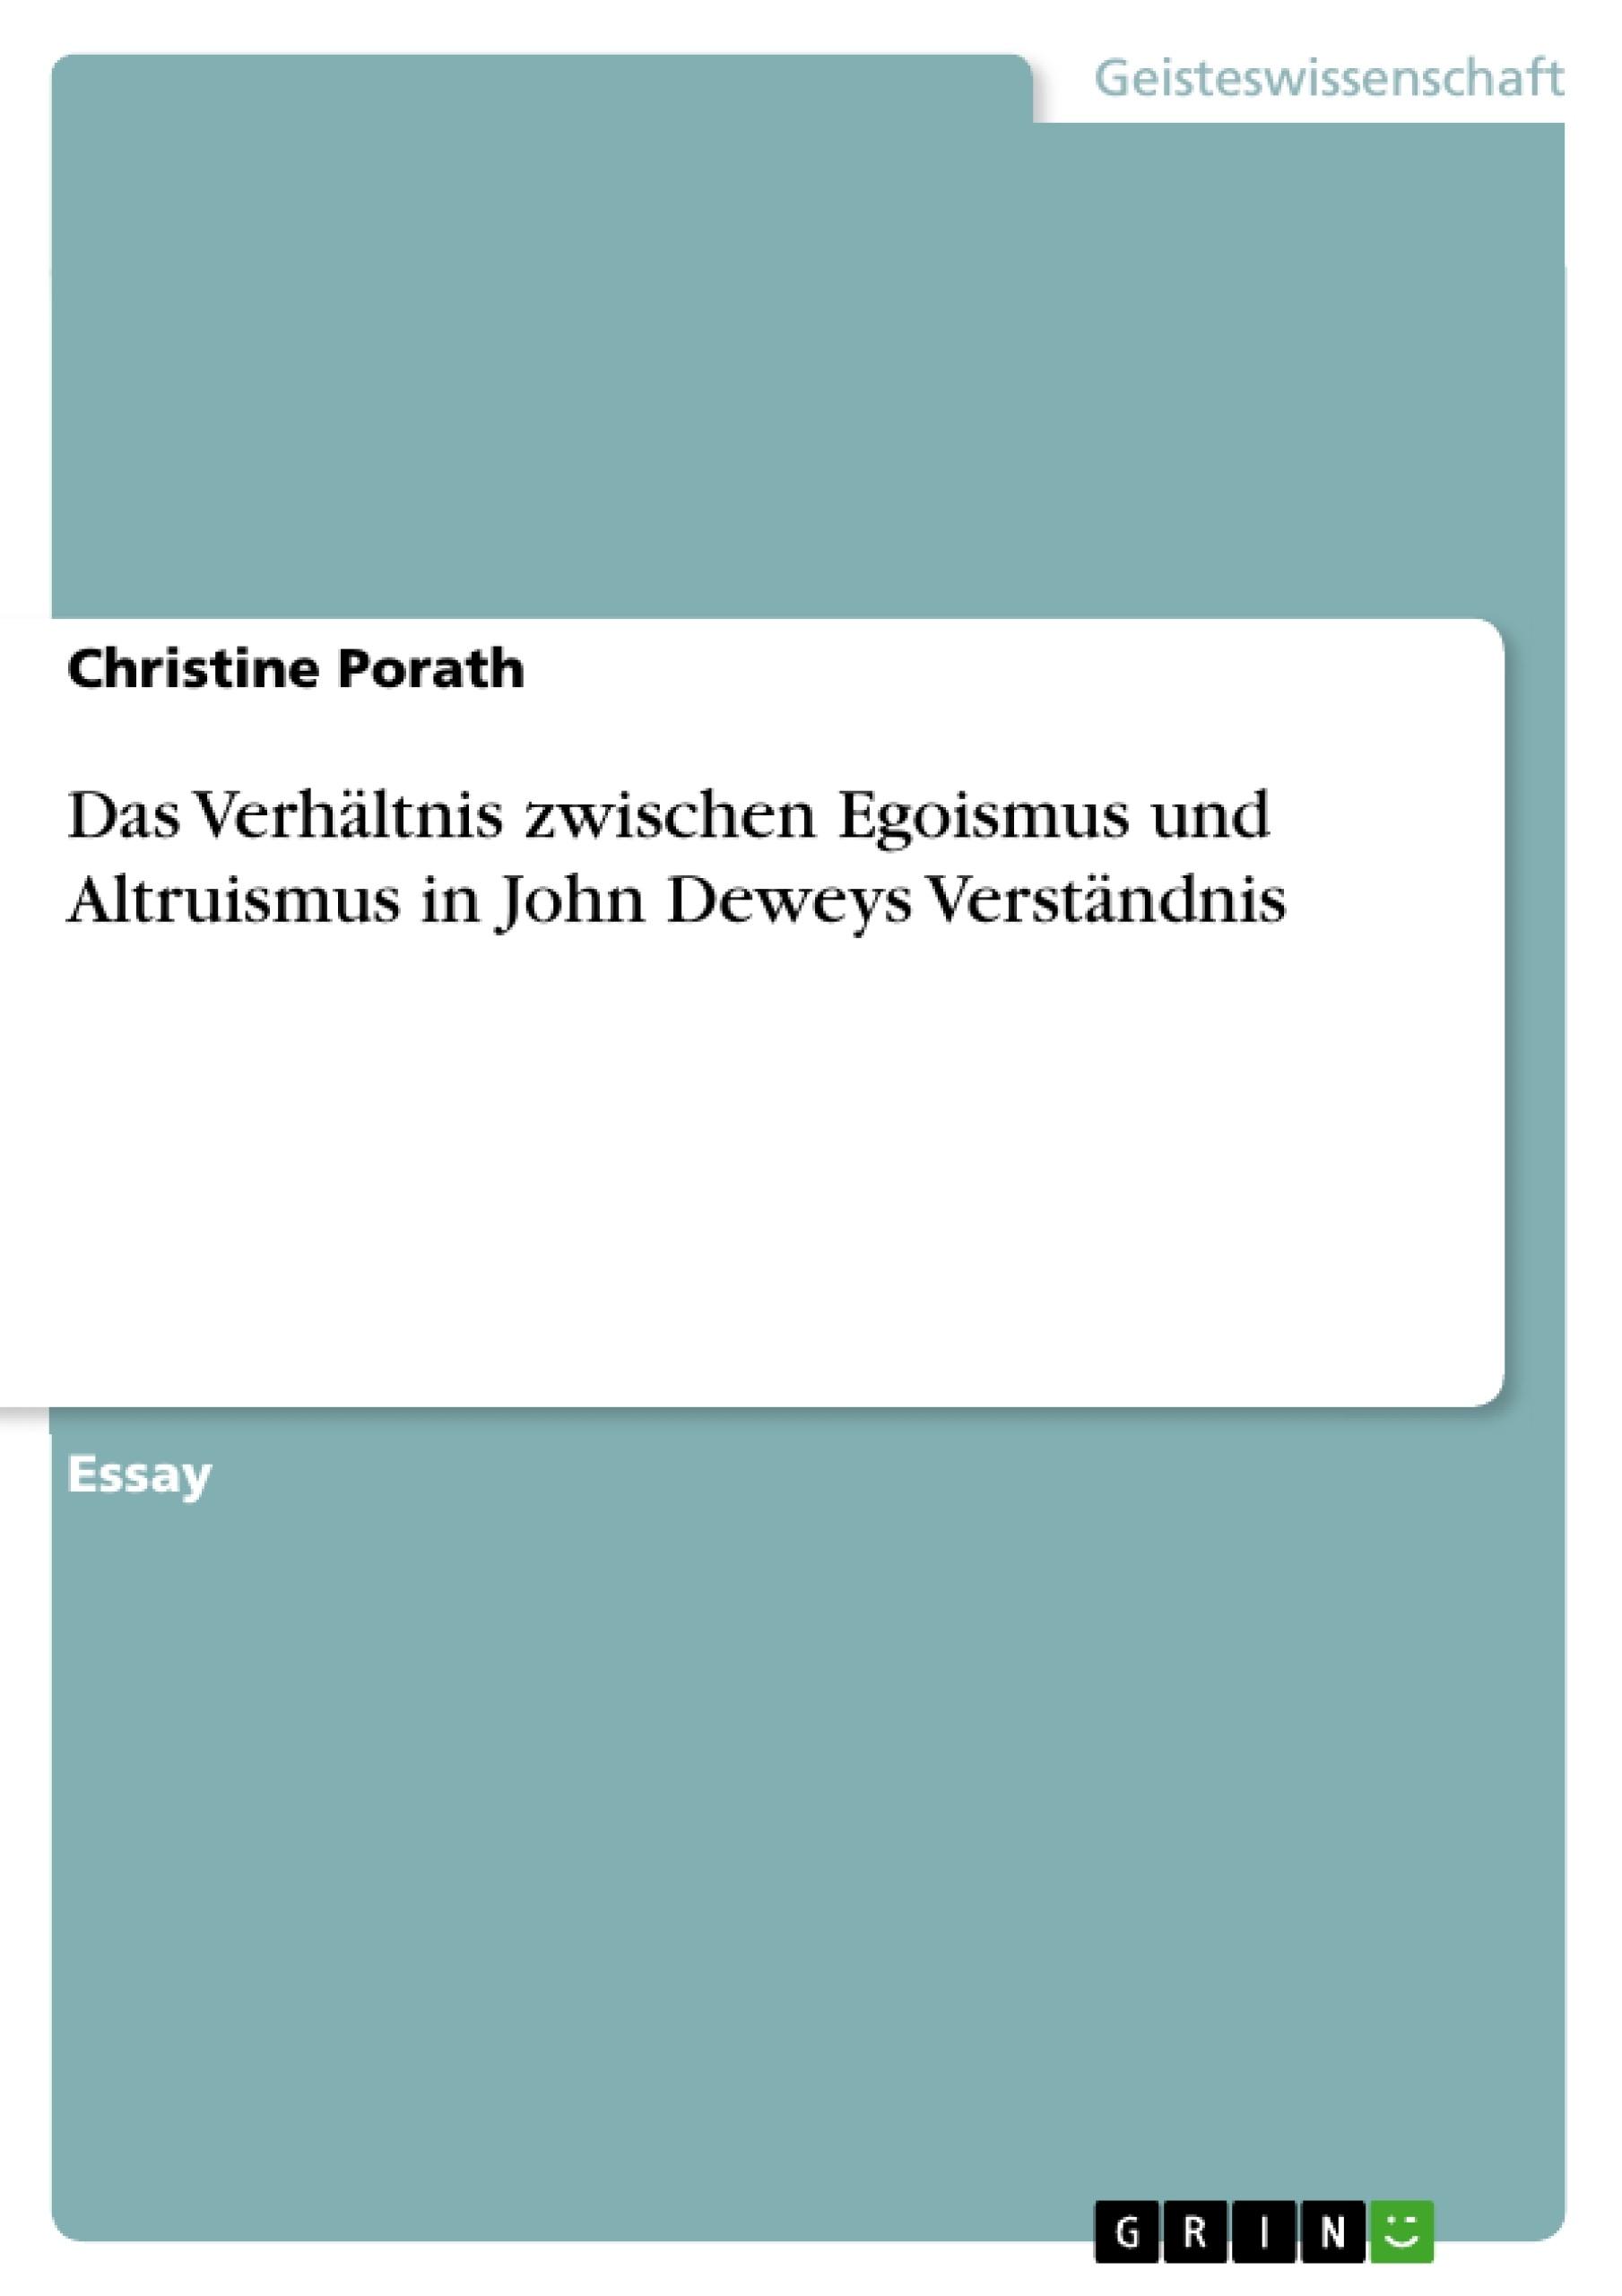 Titel: Das Verhältnis zwischen Egoismus und Altruismus in John Deweys Verständnis